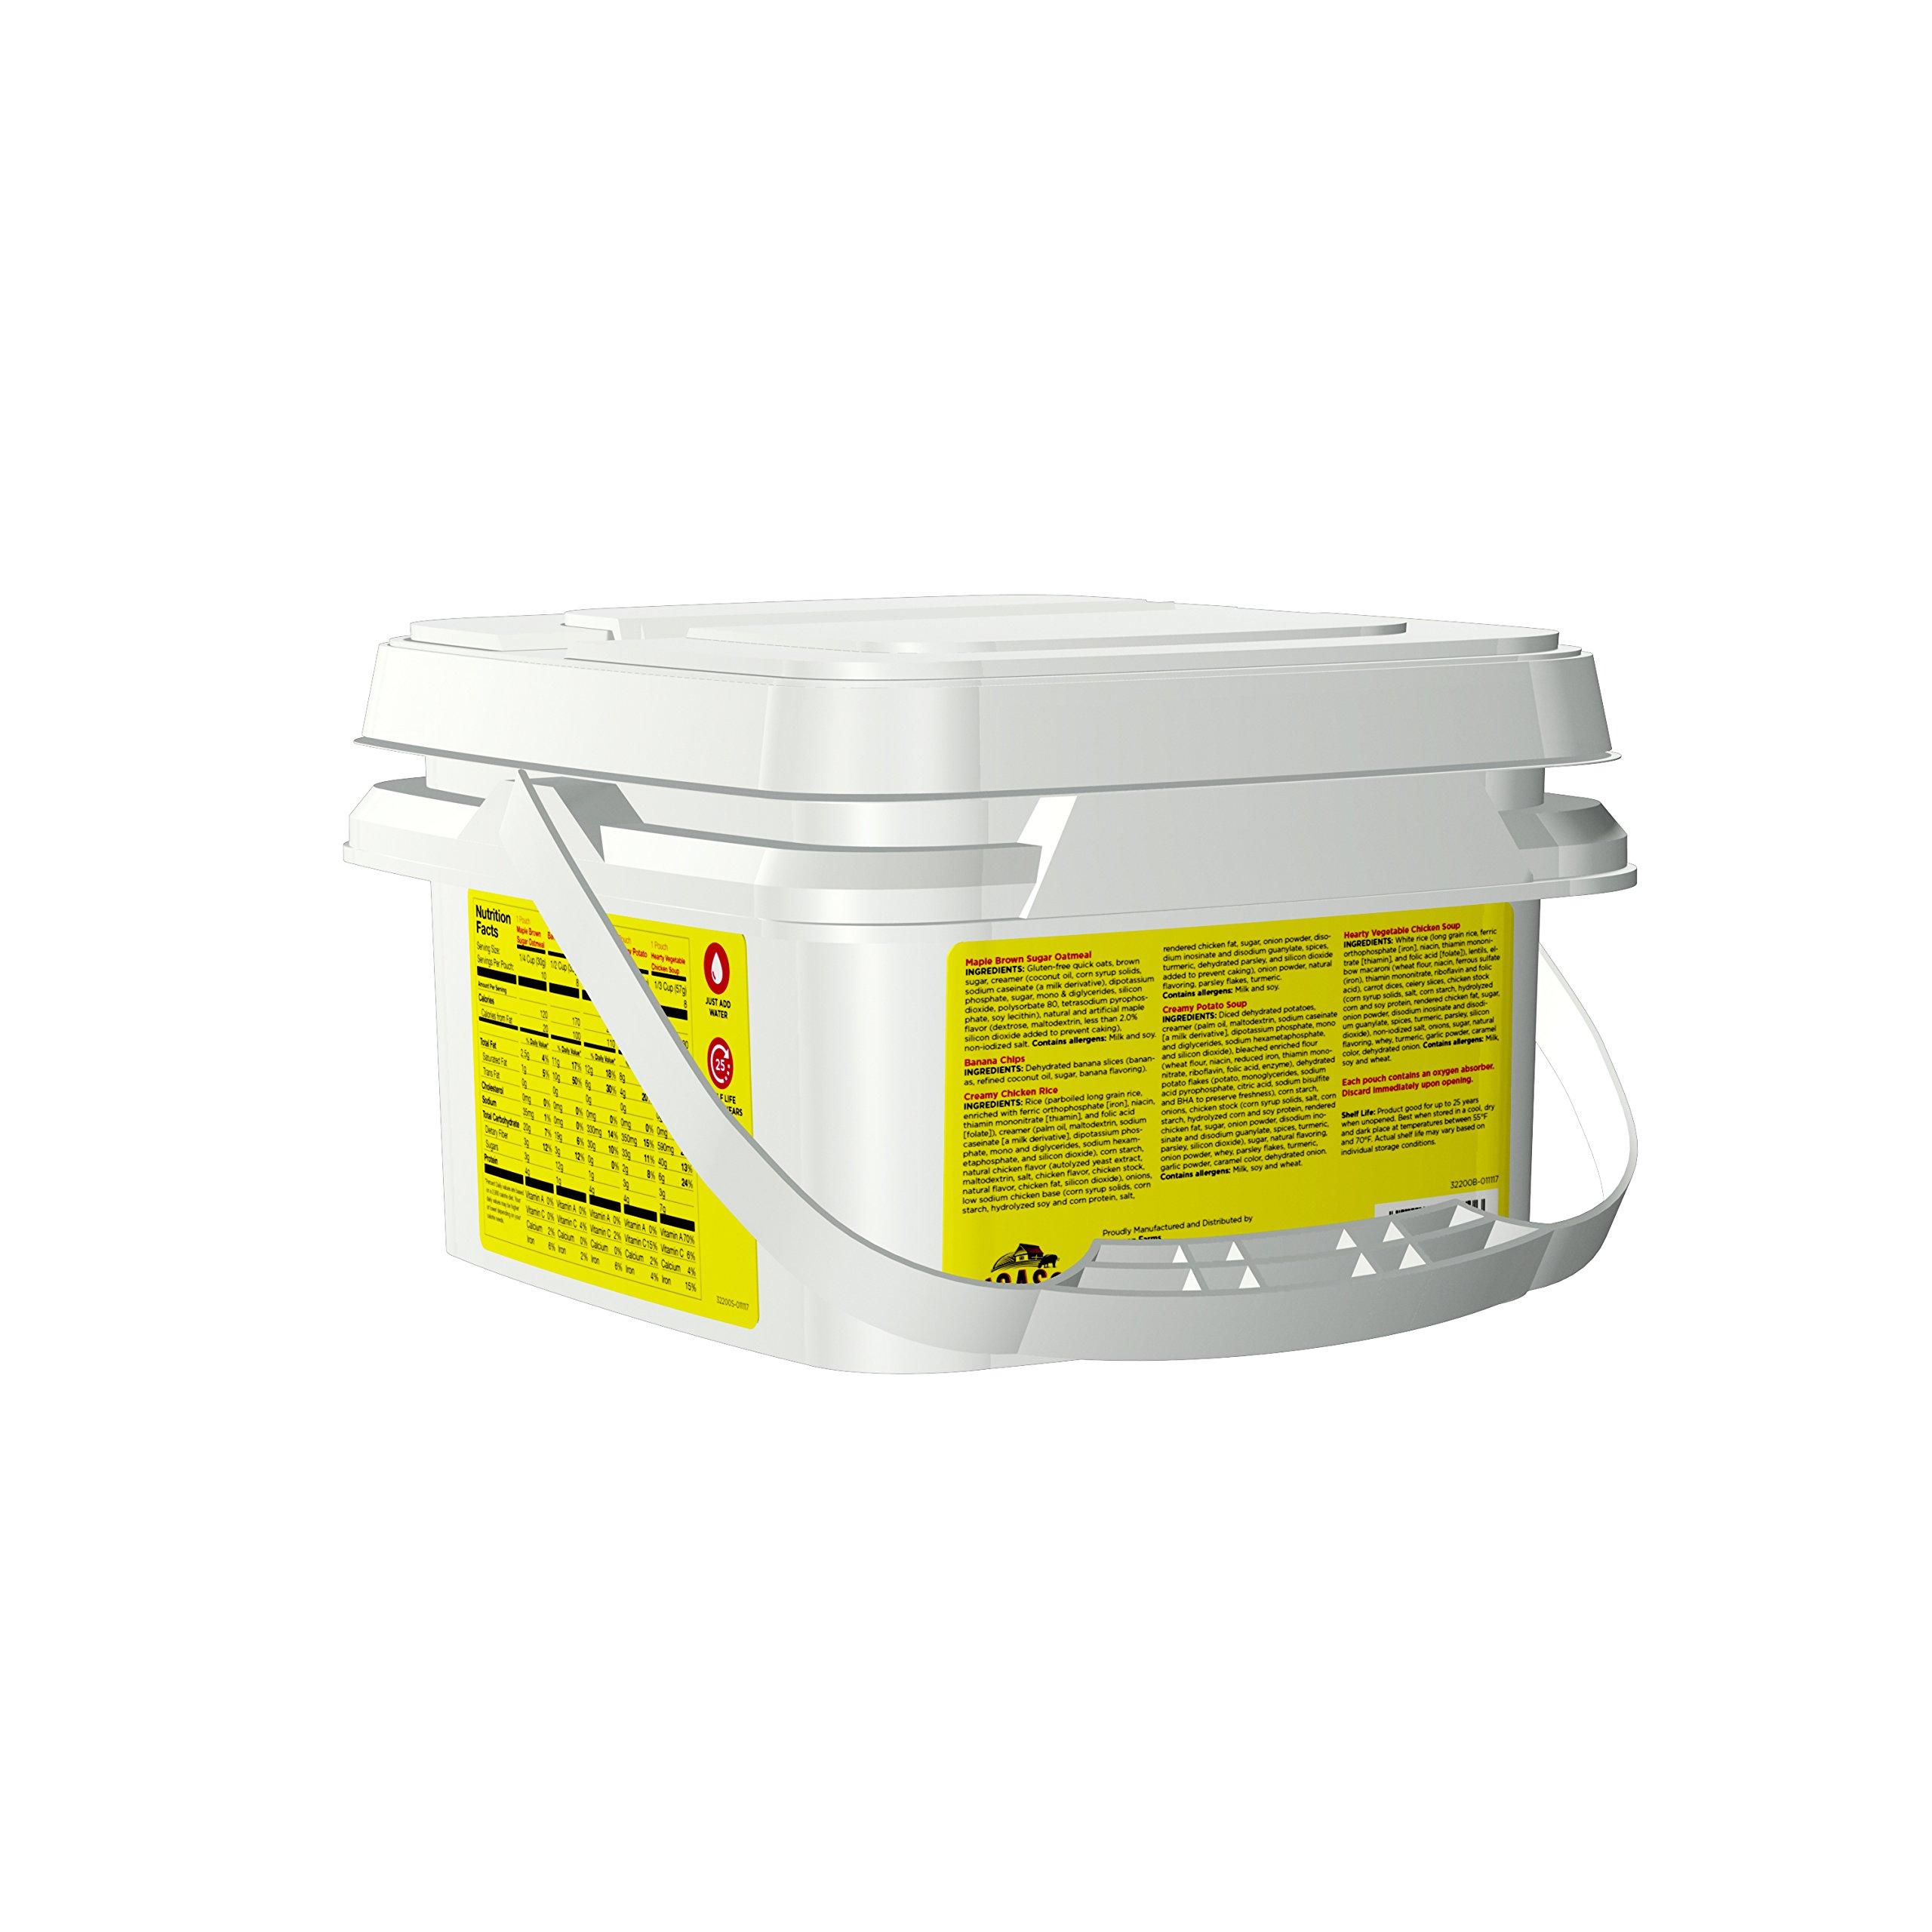 Augason Farms 72-Hour 1-Person Emergency Food Supply Kit 4 lbs 1 oz by Augason Farms (Image #2)